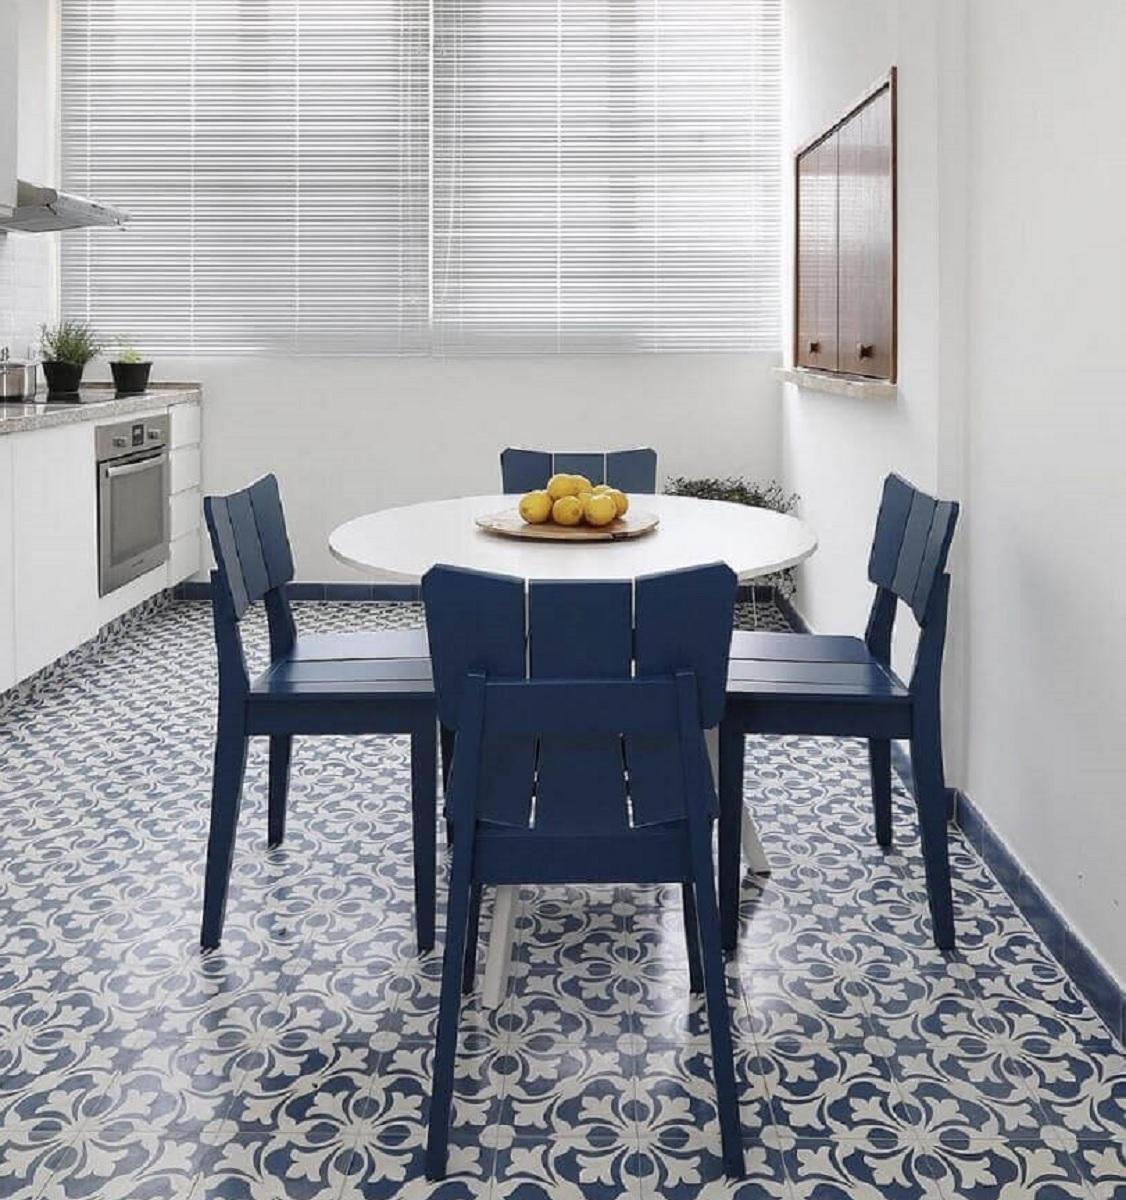 Decoração clean com mesa de jantar pequena redonda Foto Apartment Therapy